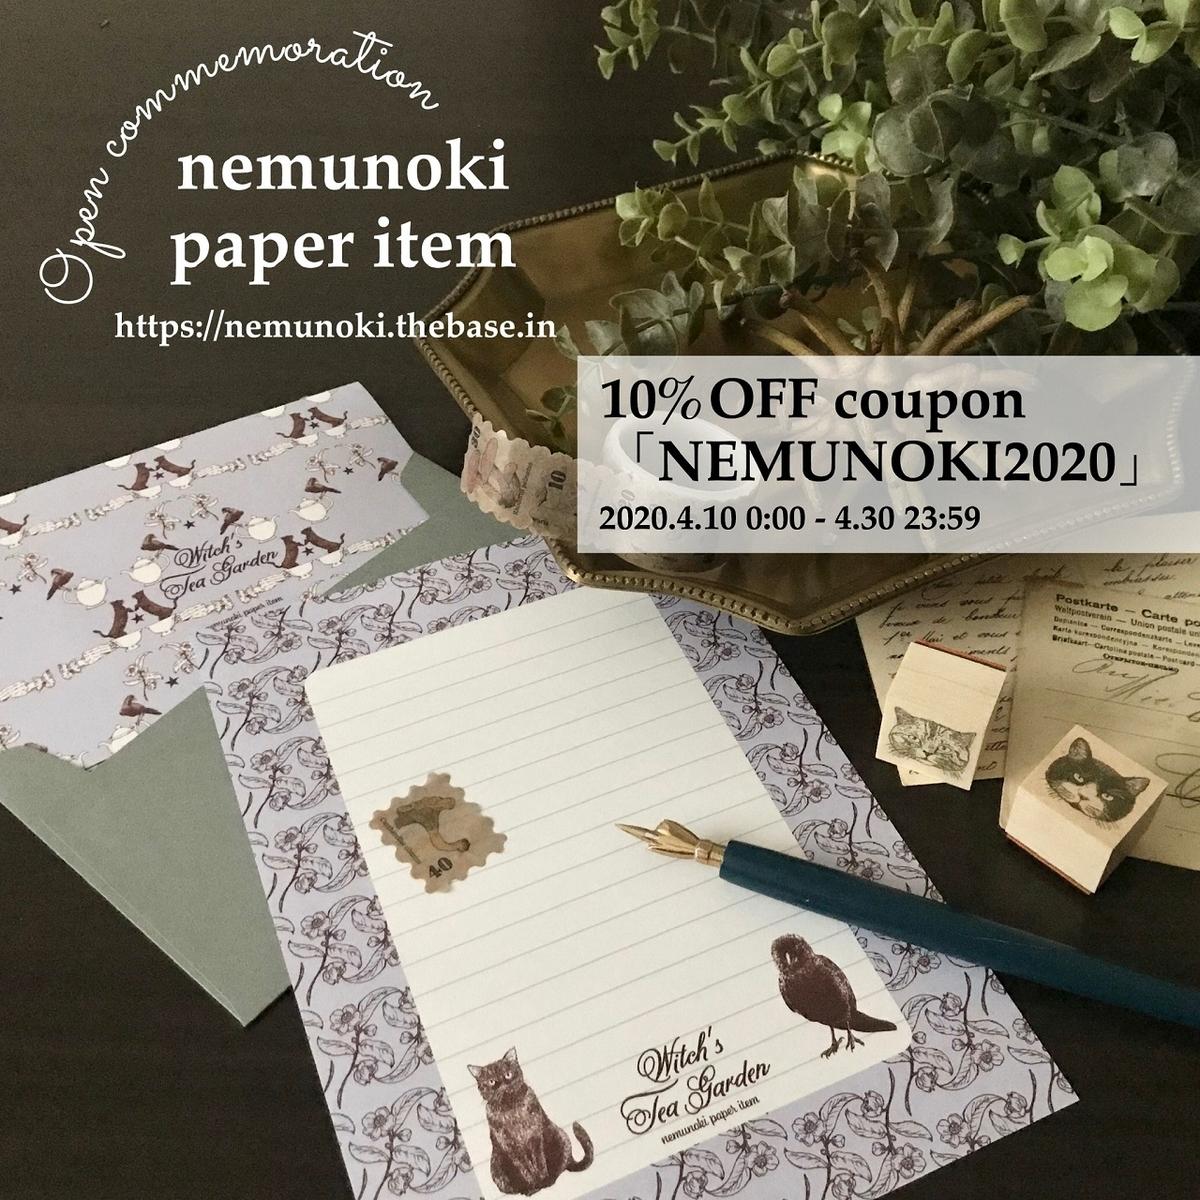 f:id:nemunoki-letter:20200127161518j:plain